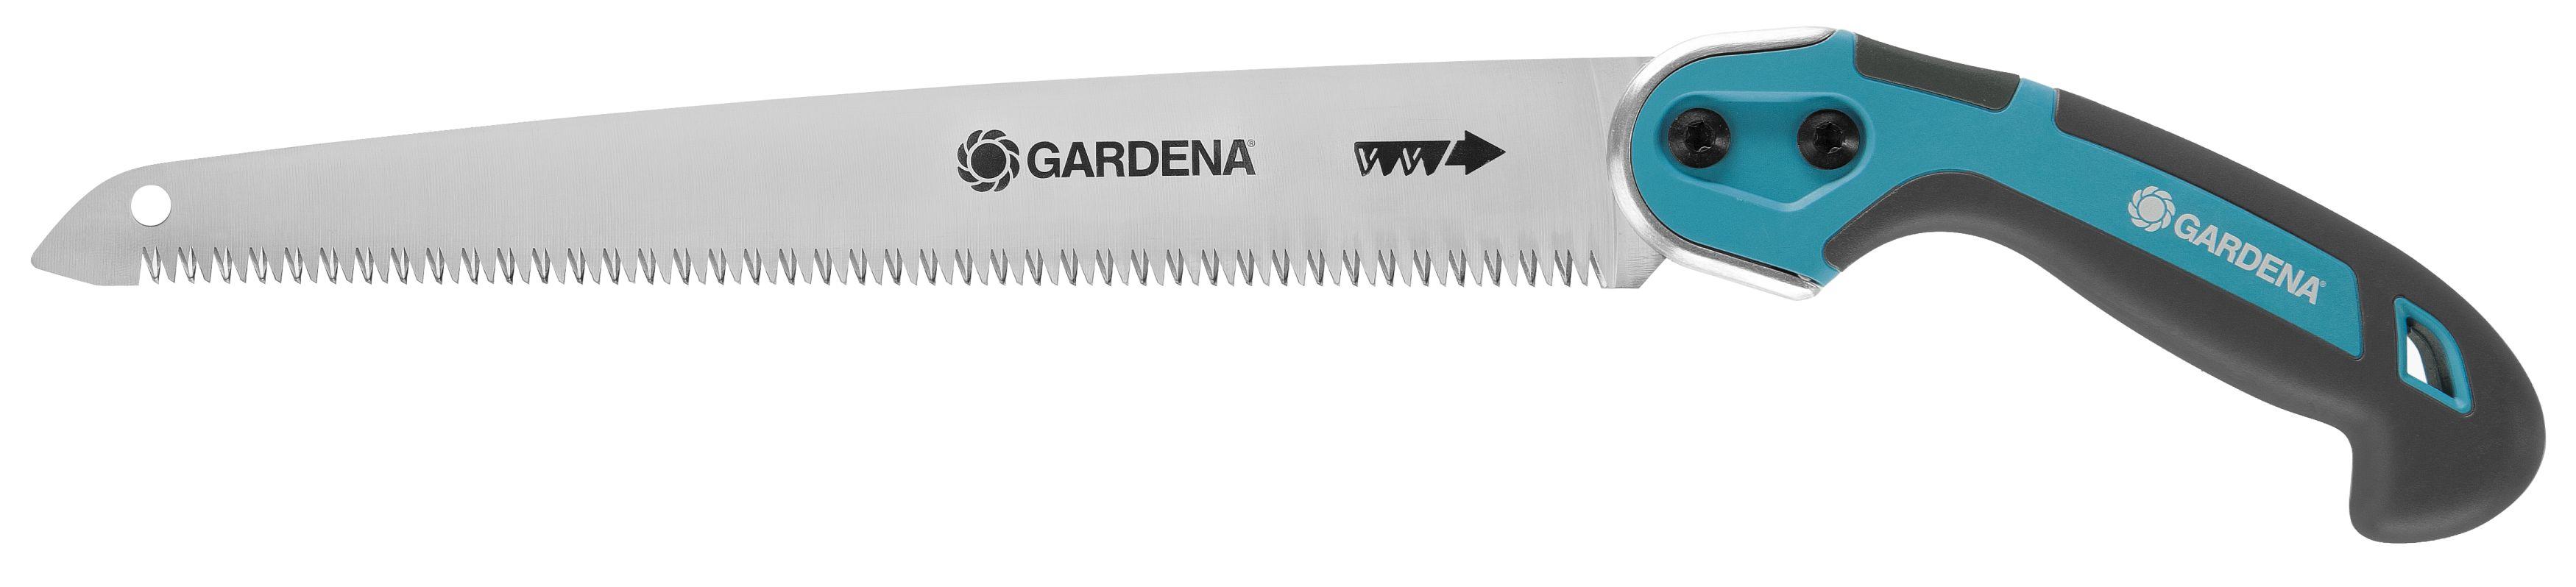 Пила садовая Gardena 300 p (08745-20.000.00)